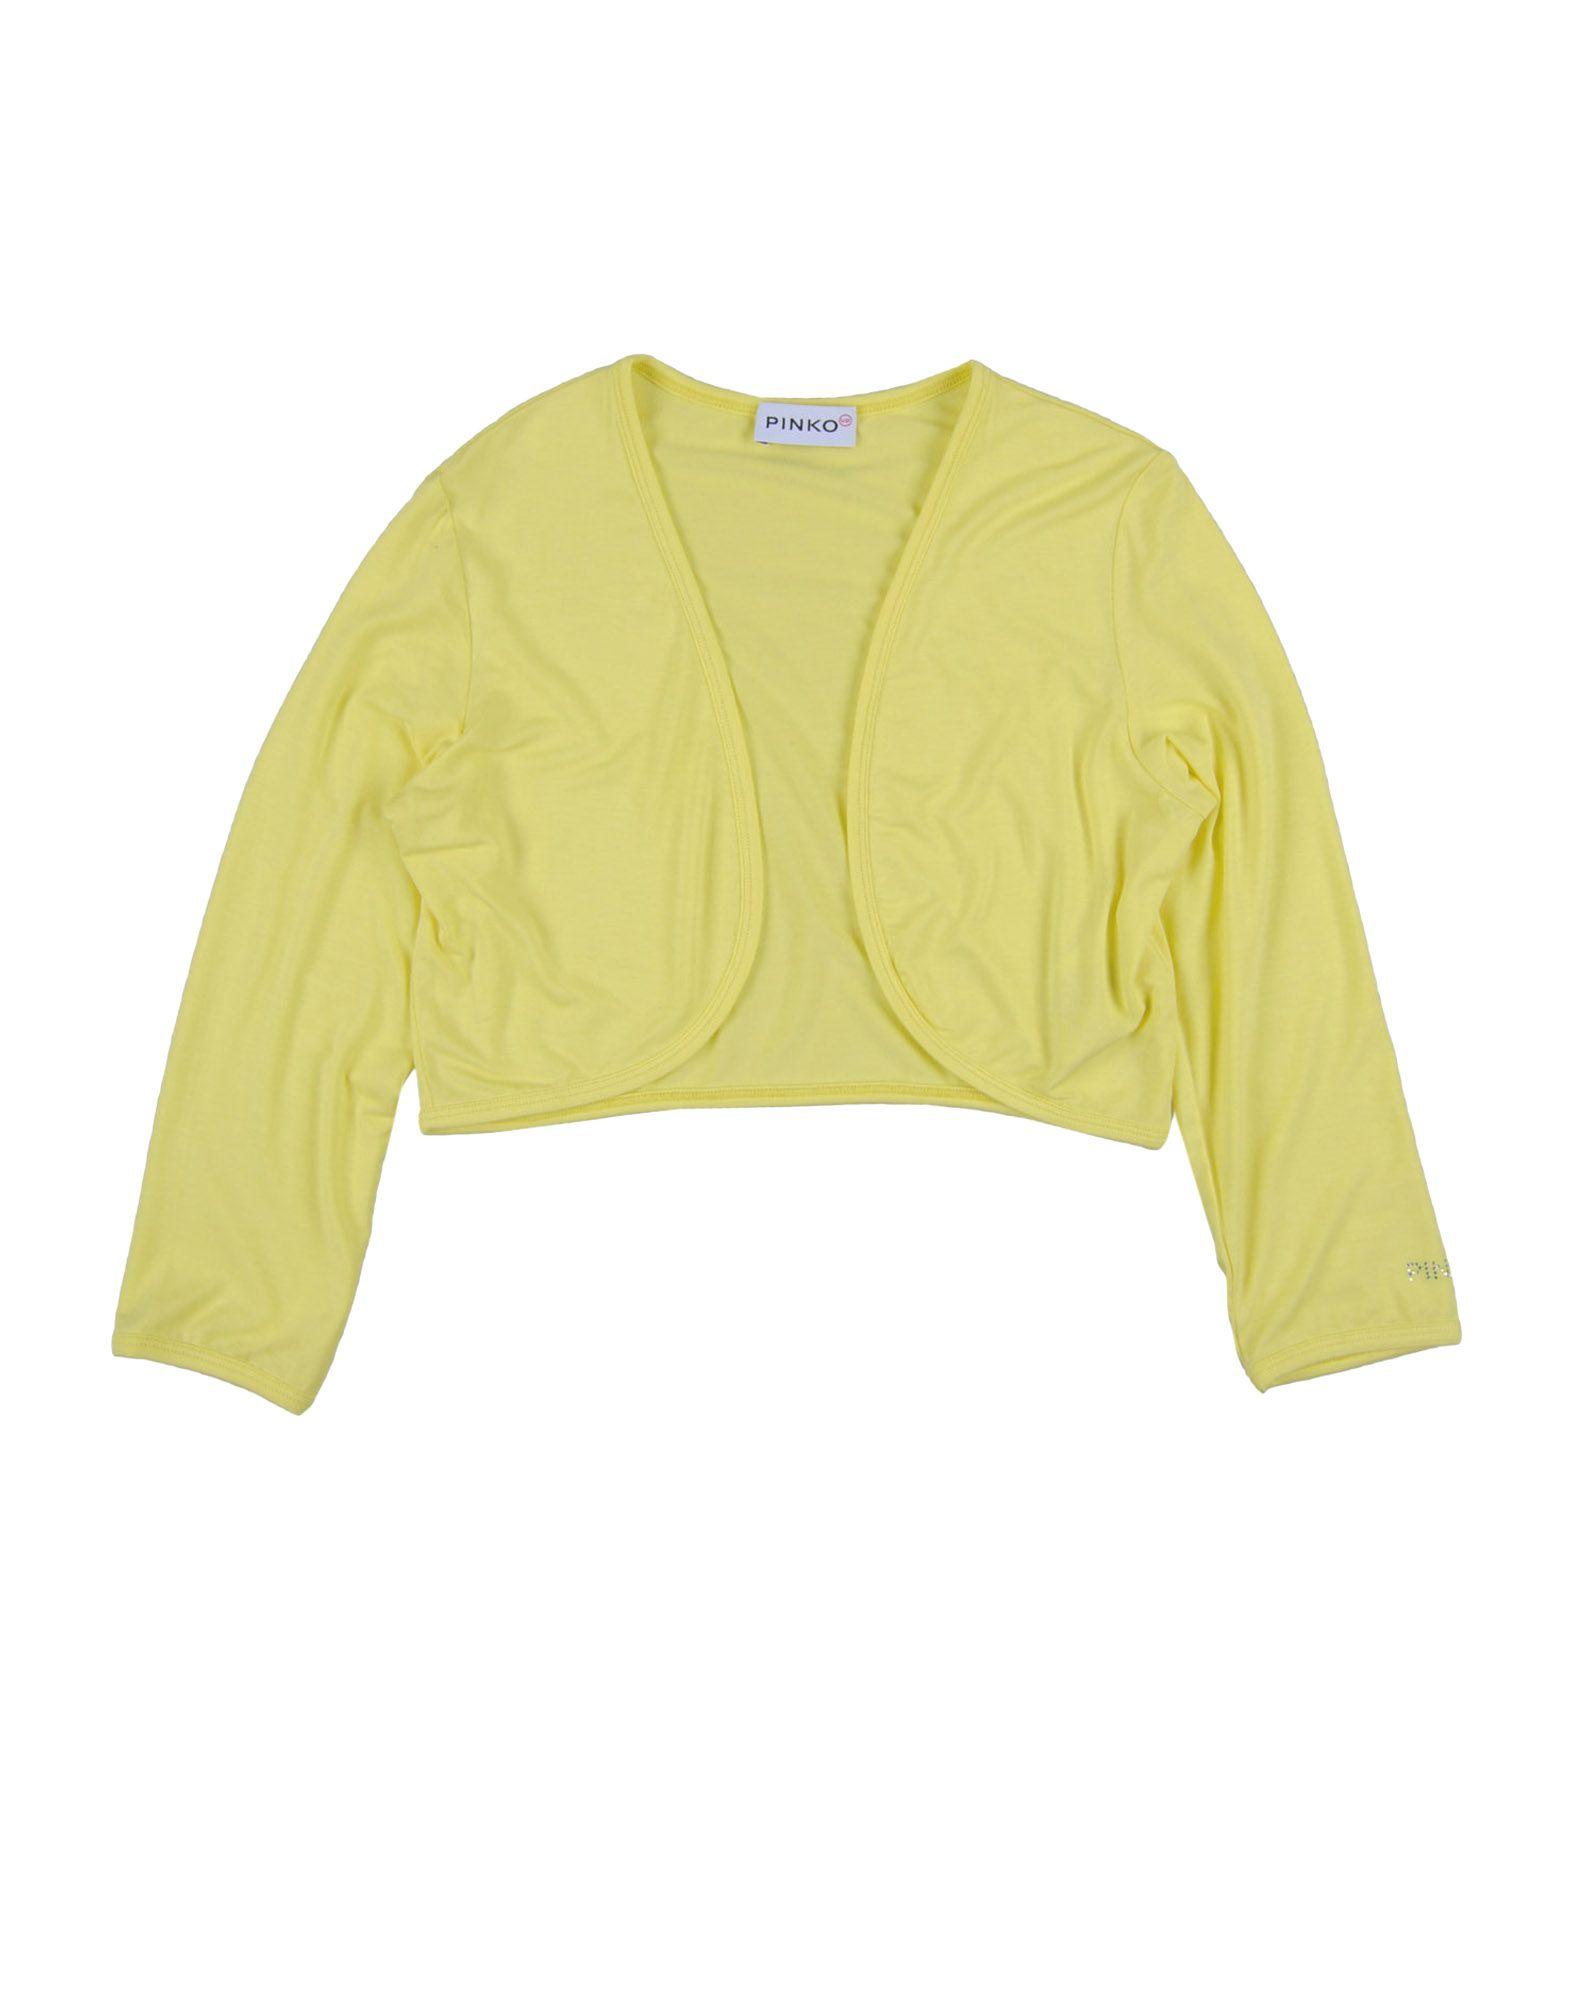 PINKO UP Damen Bolero Farbe Gelb Größe 6